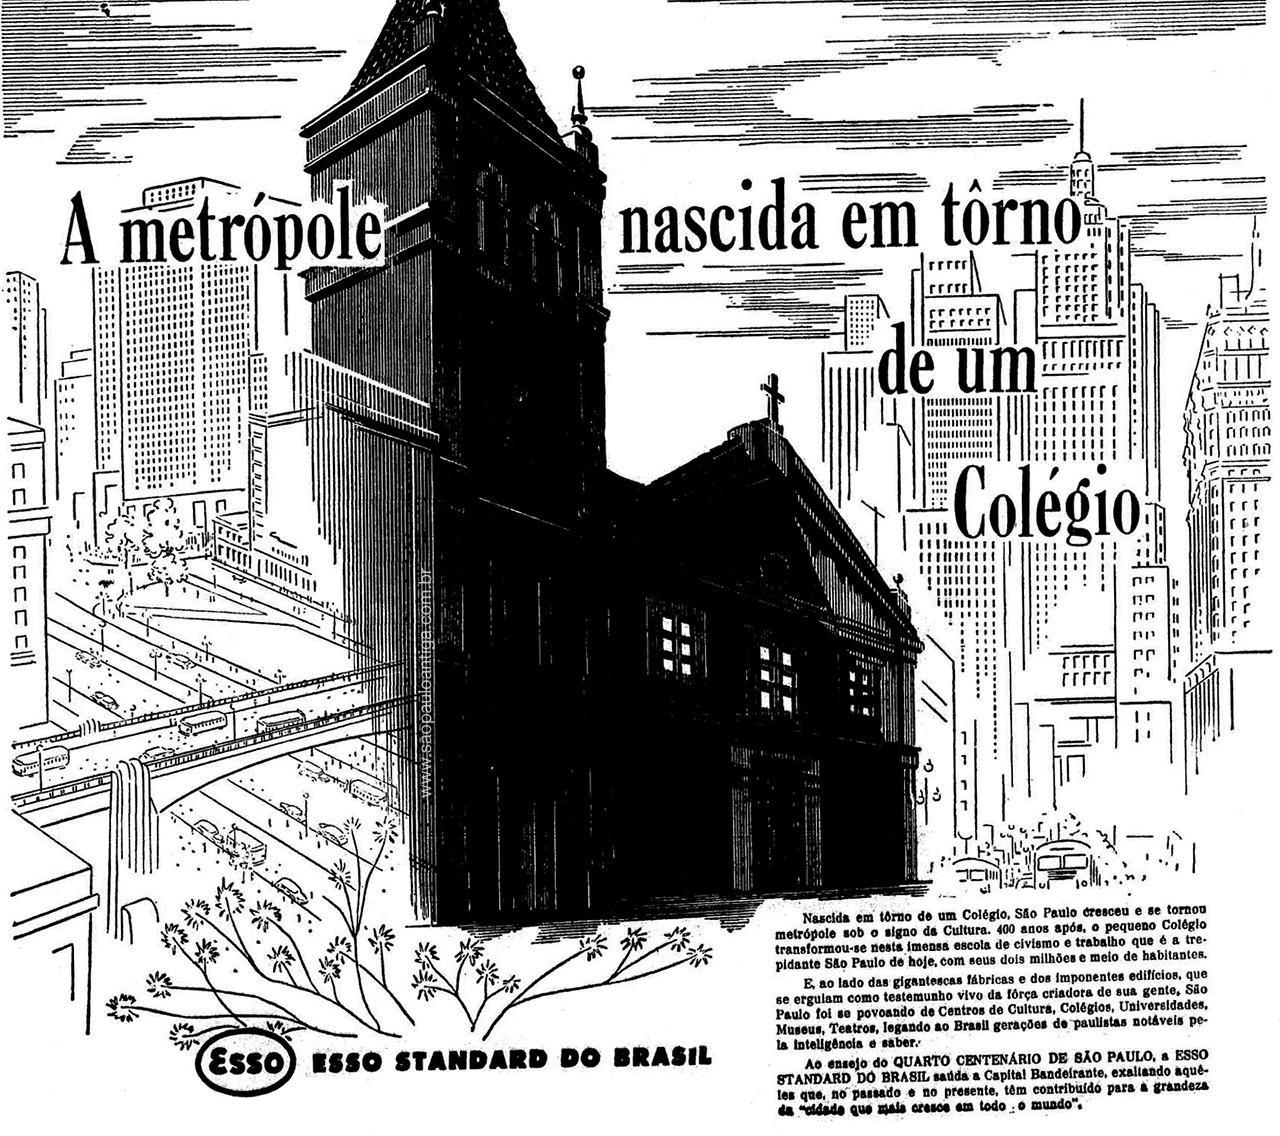 Campanha comemorativa da Esso aos 400 anos da cidade de São Paulo